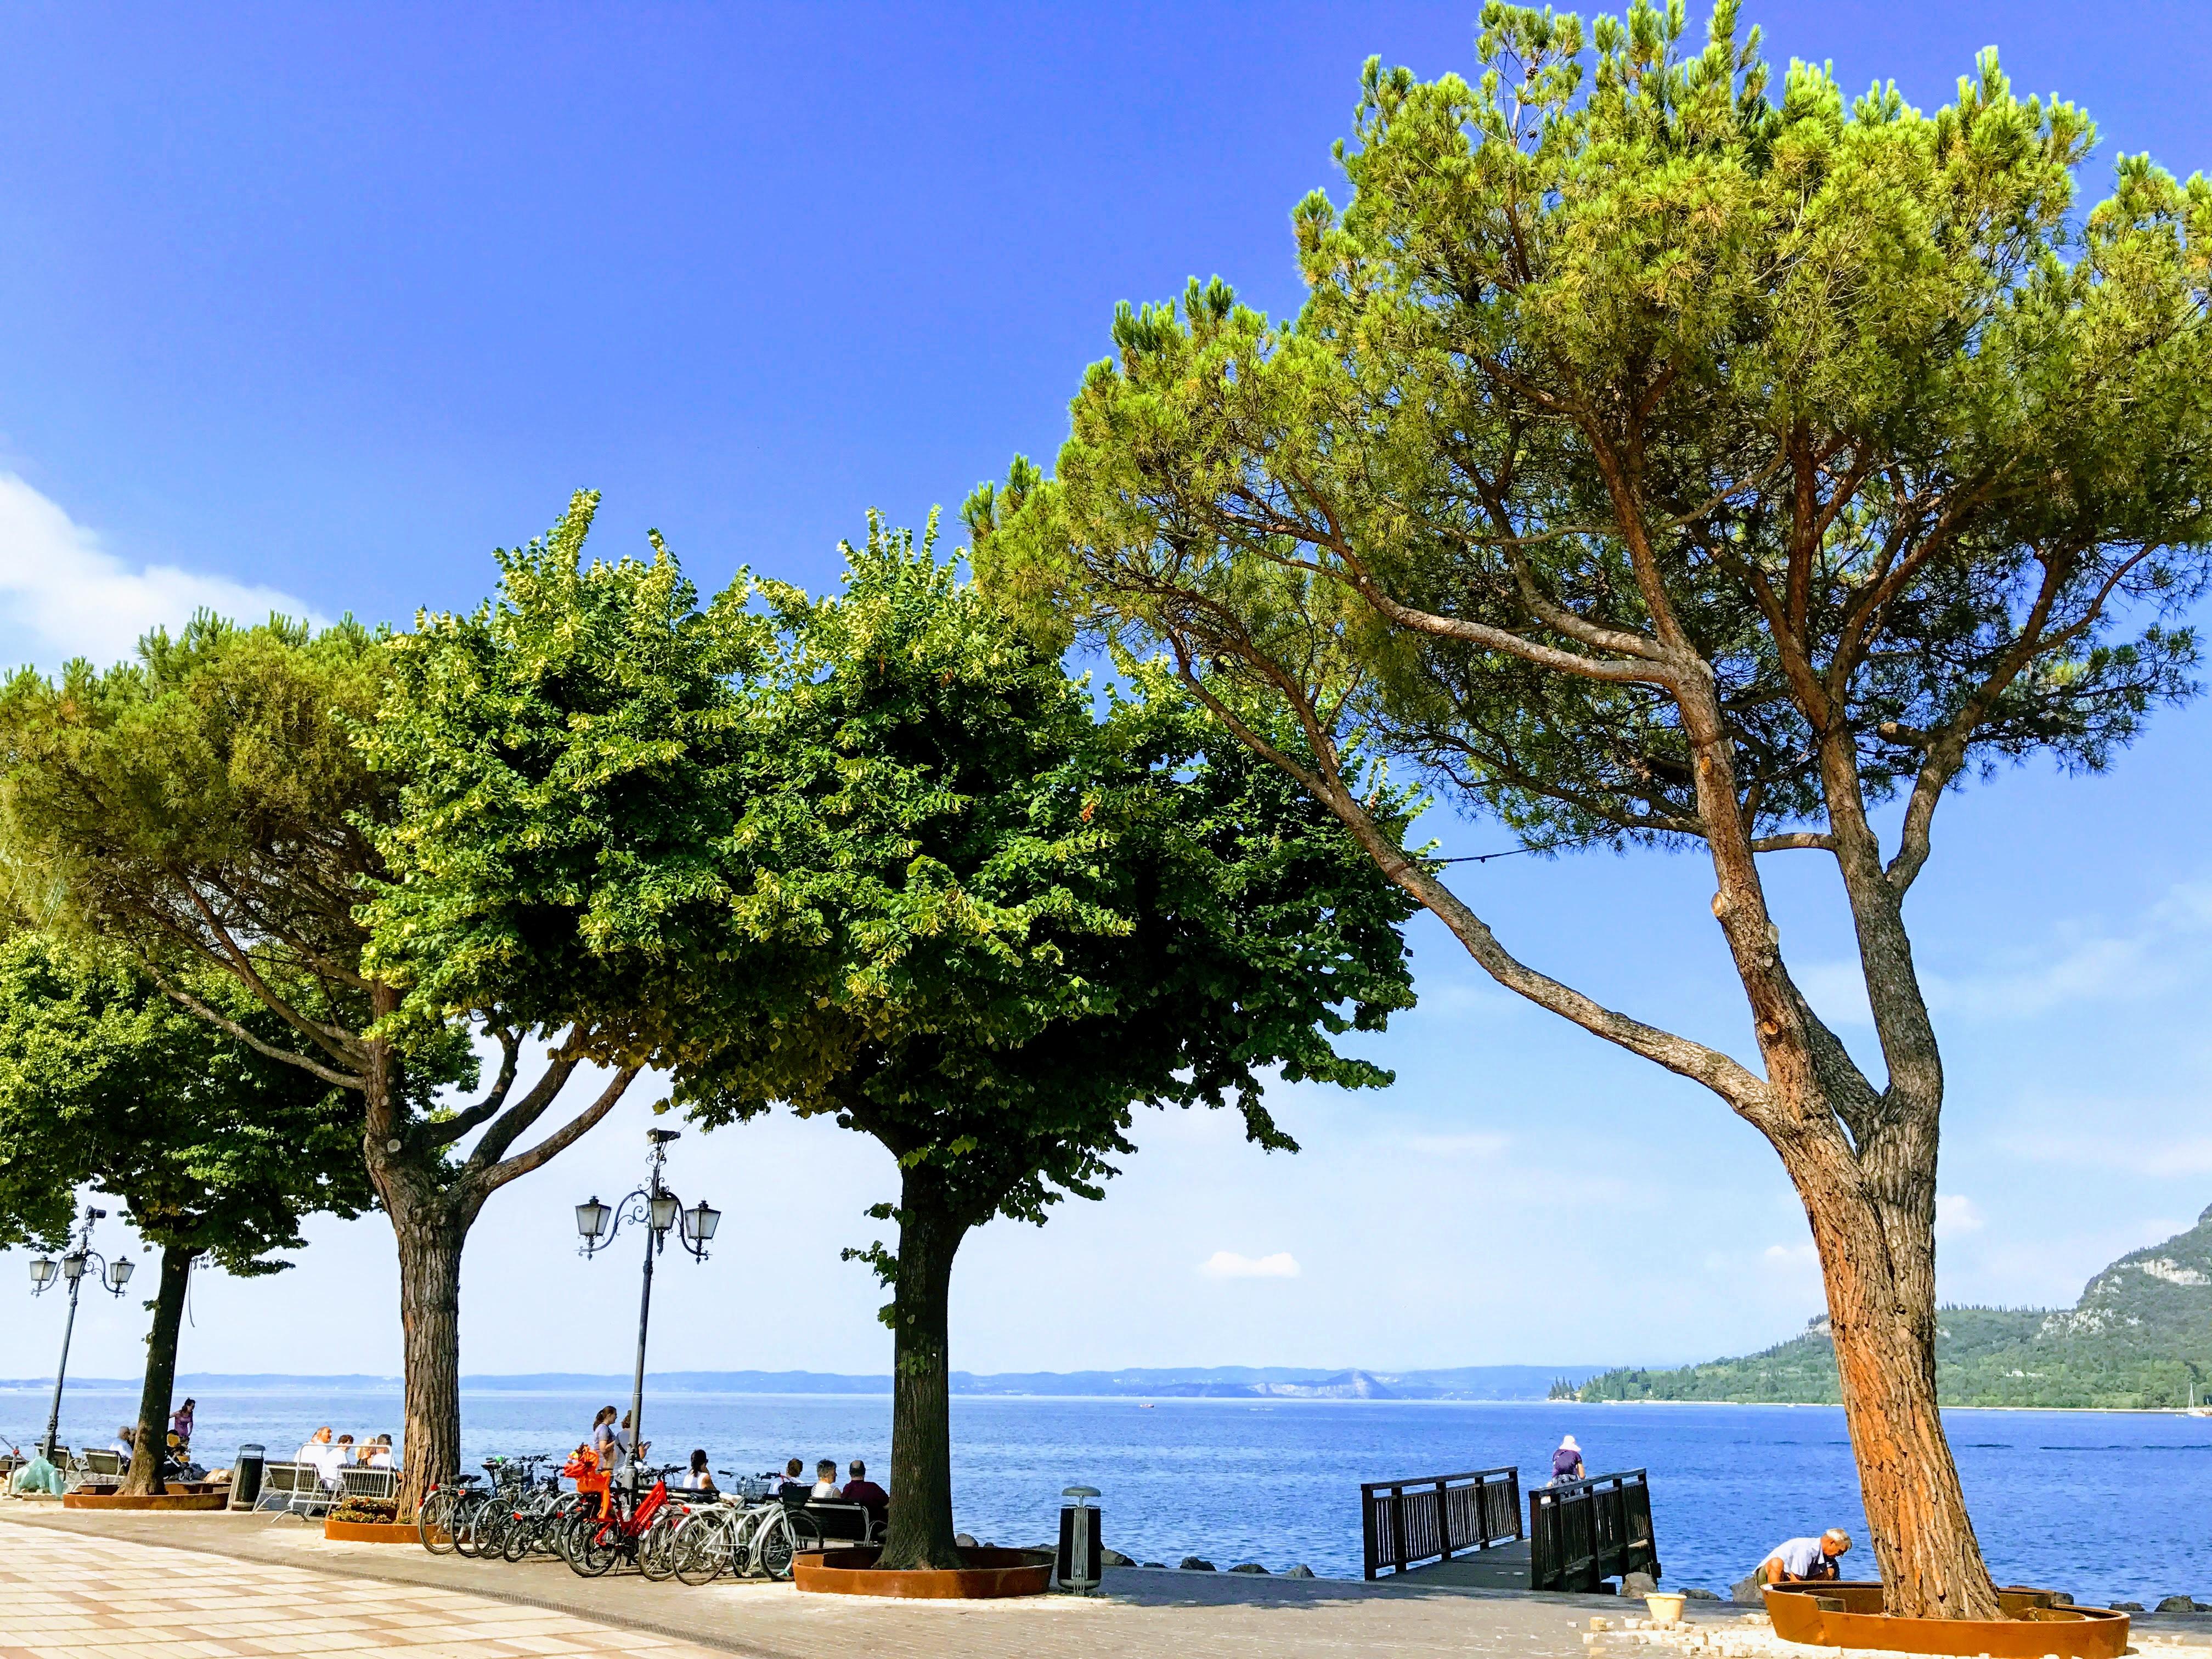 De promenade van Garda